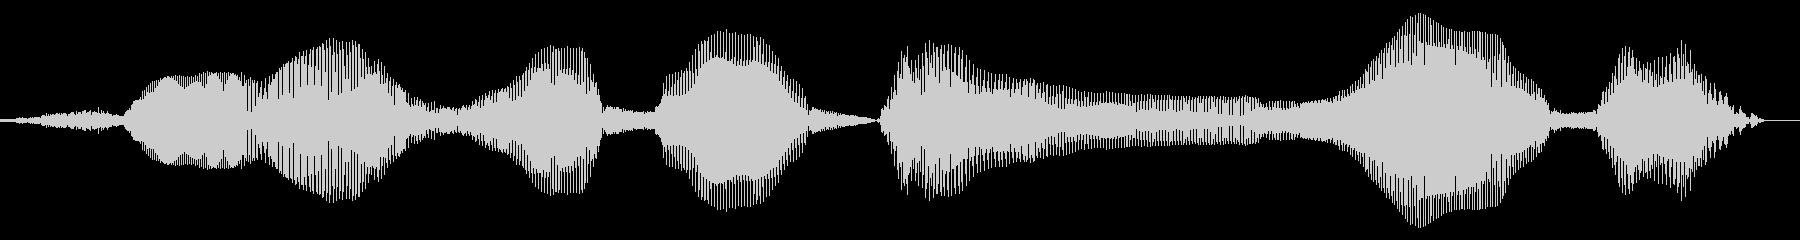 スマホでダウンロード(女声)の未再生の波形